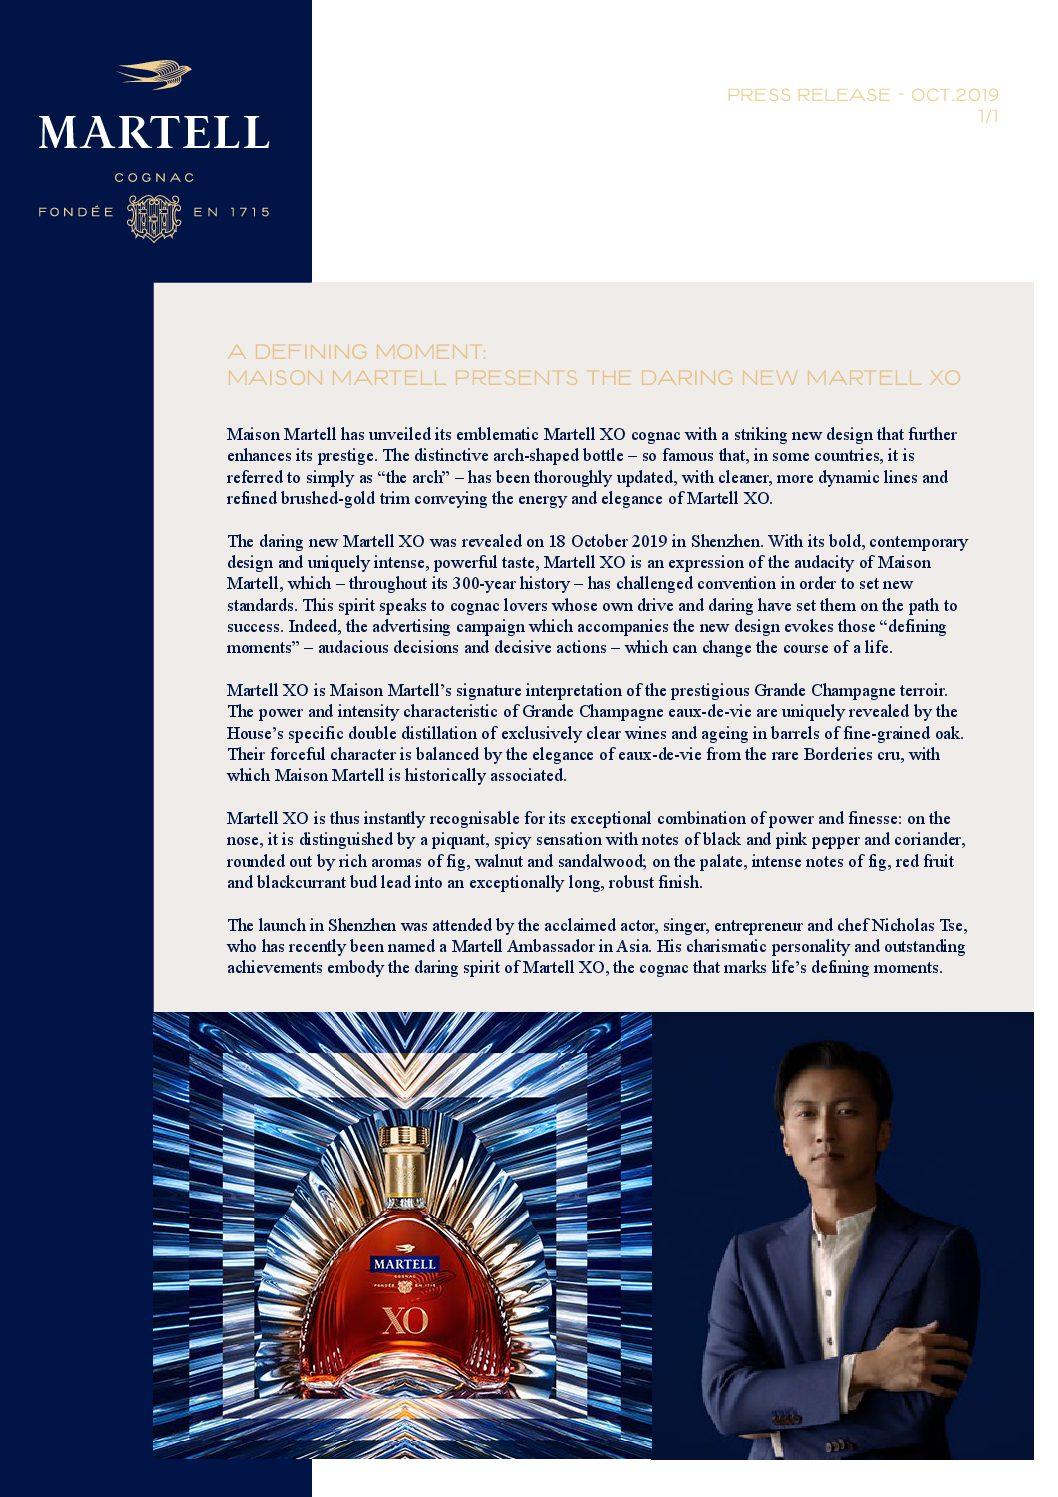 XO MARTELL PRESS RELEASE-pdf